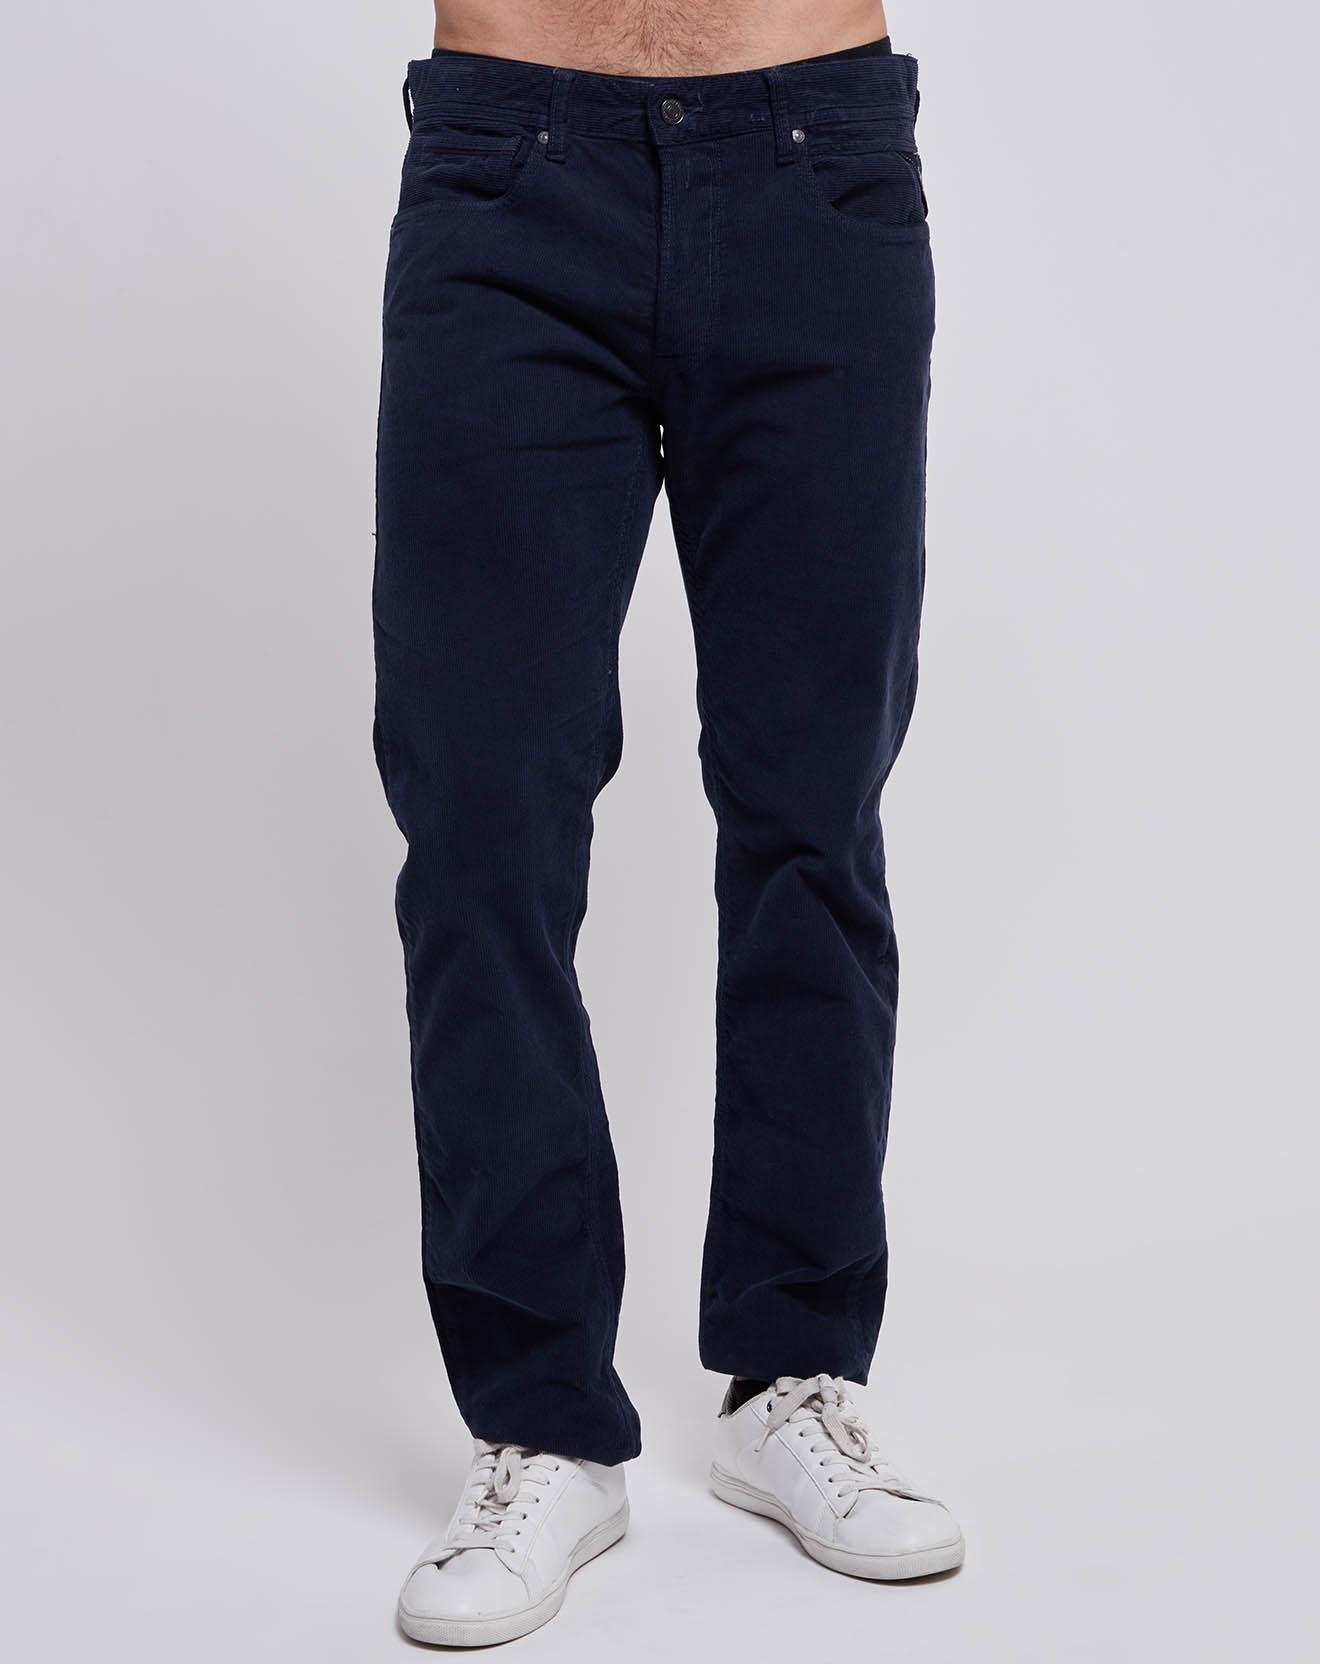 Pantalon en Velours bleu - Replay - Modalova